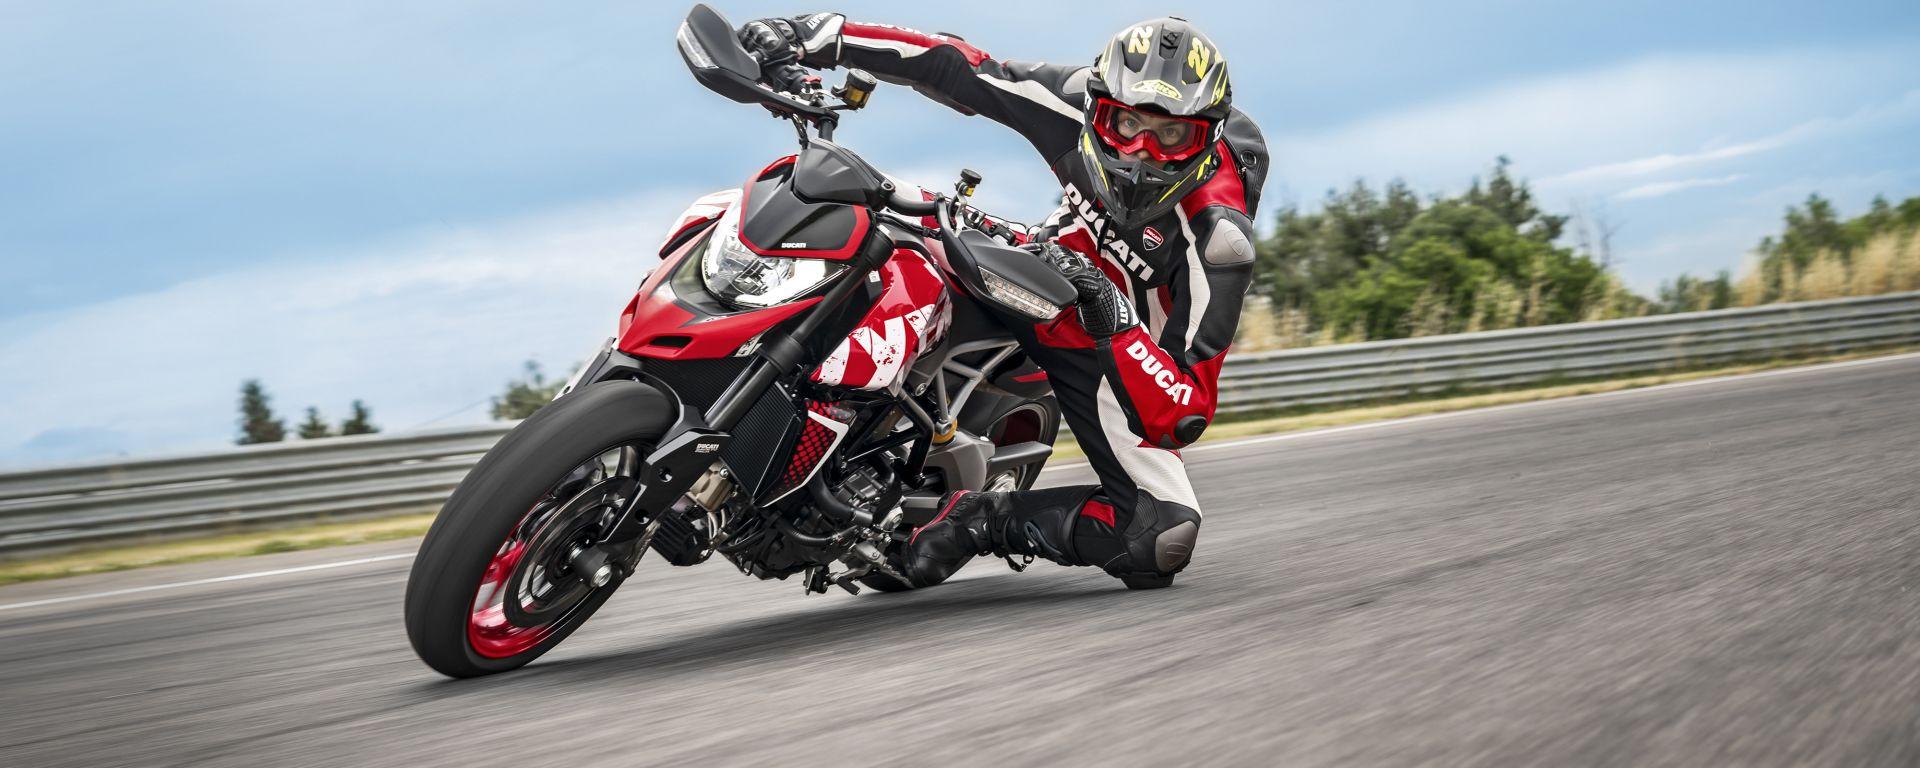 Ducati Hypermotard 950 RVE: nuova livrea e Quick Shift Up and Down in più rispetto alla standard